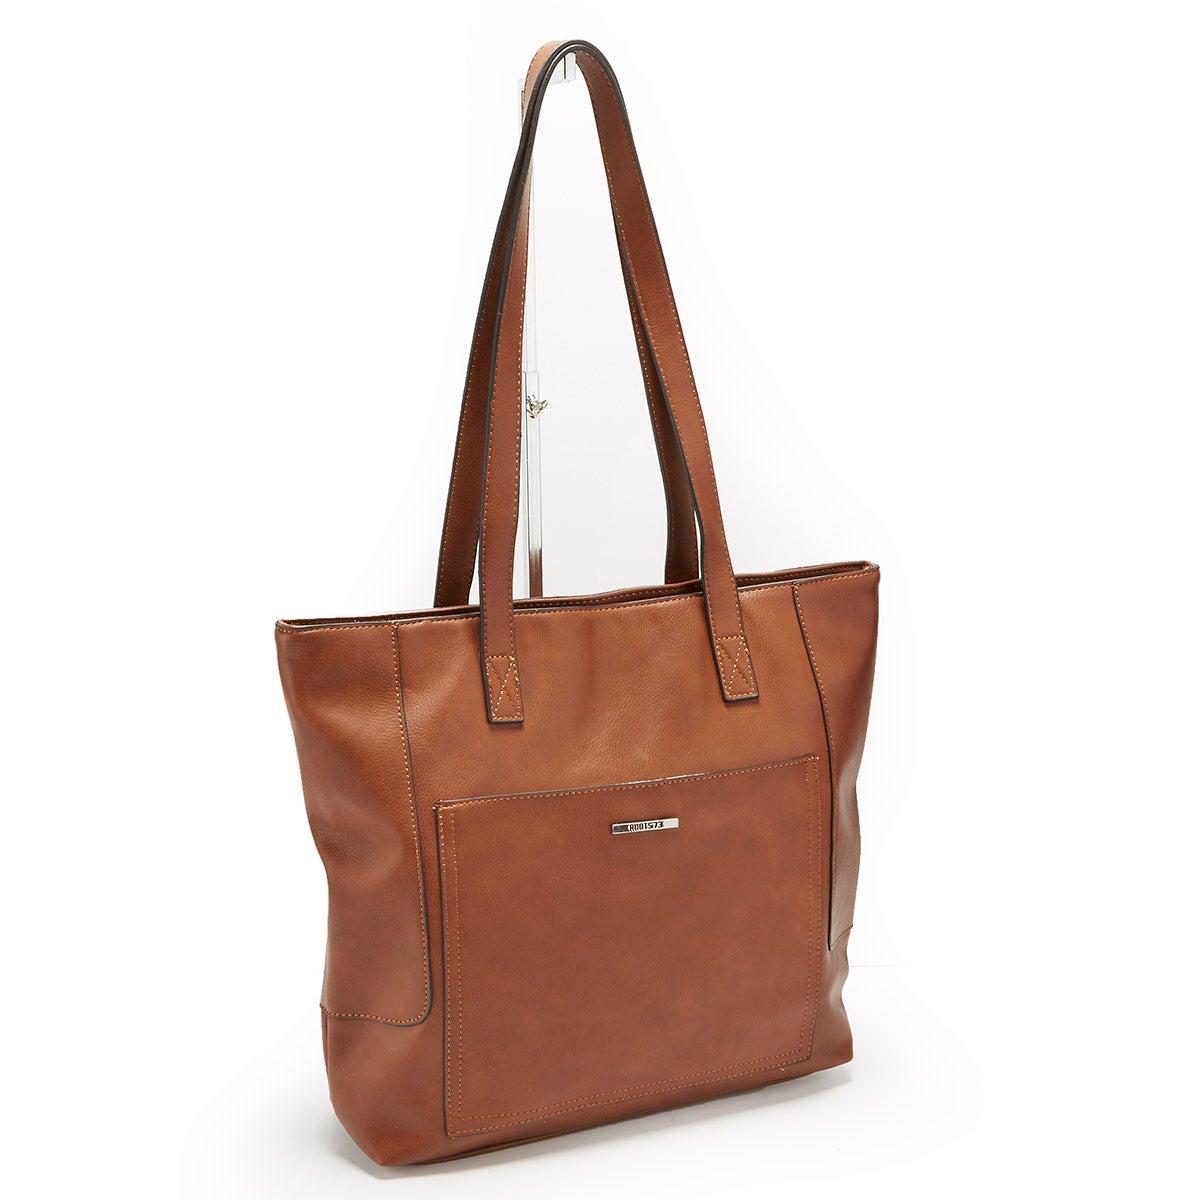 Lds Roots73 cgnc large top zip satchel